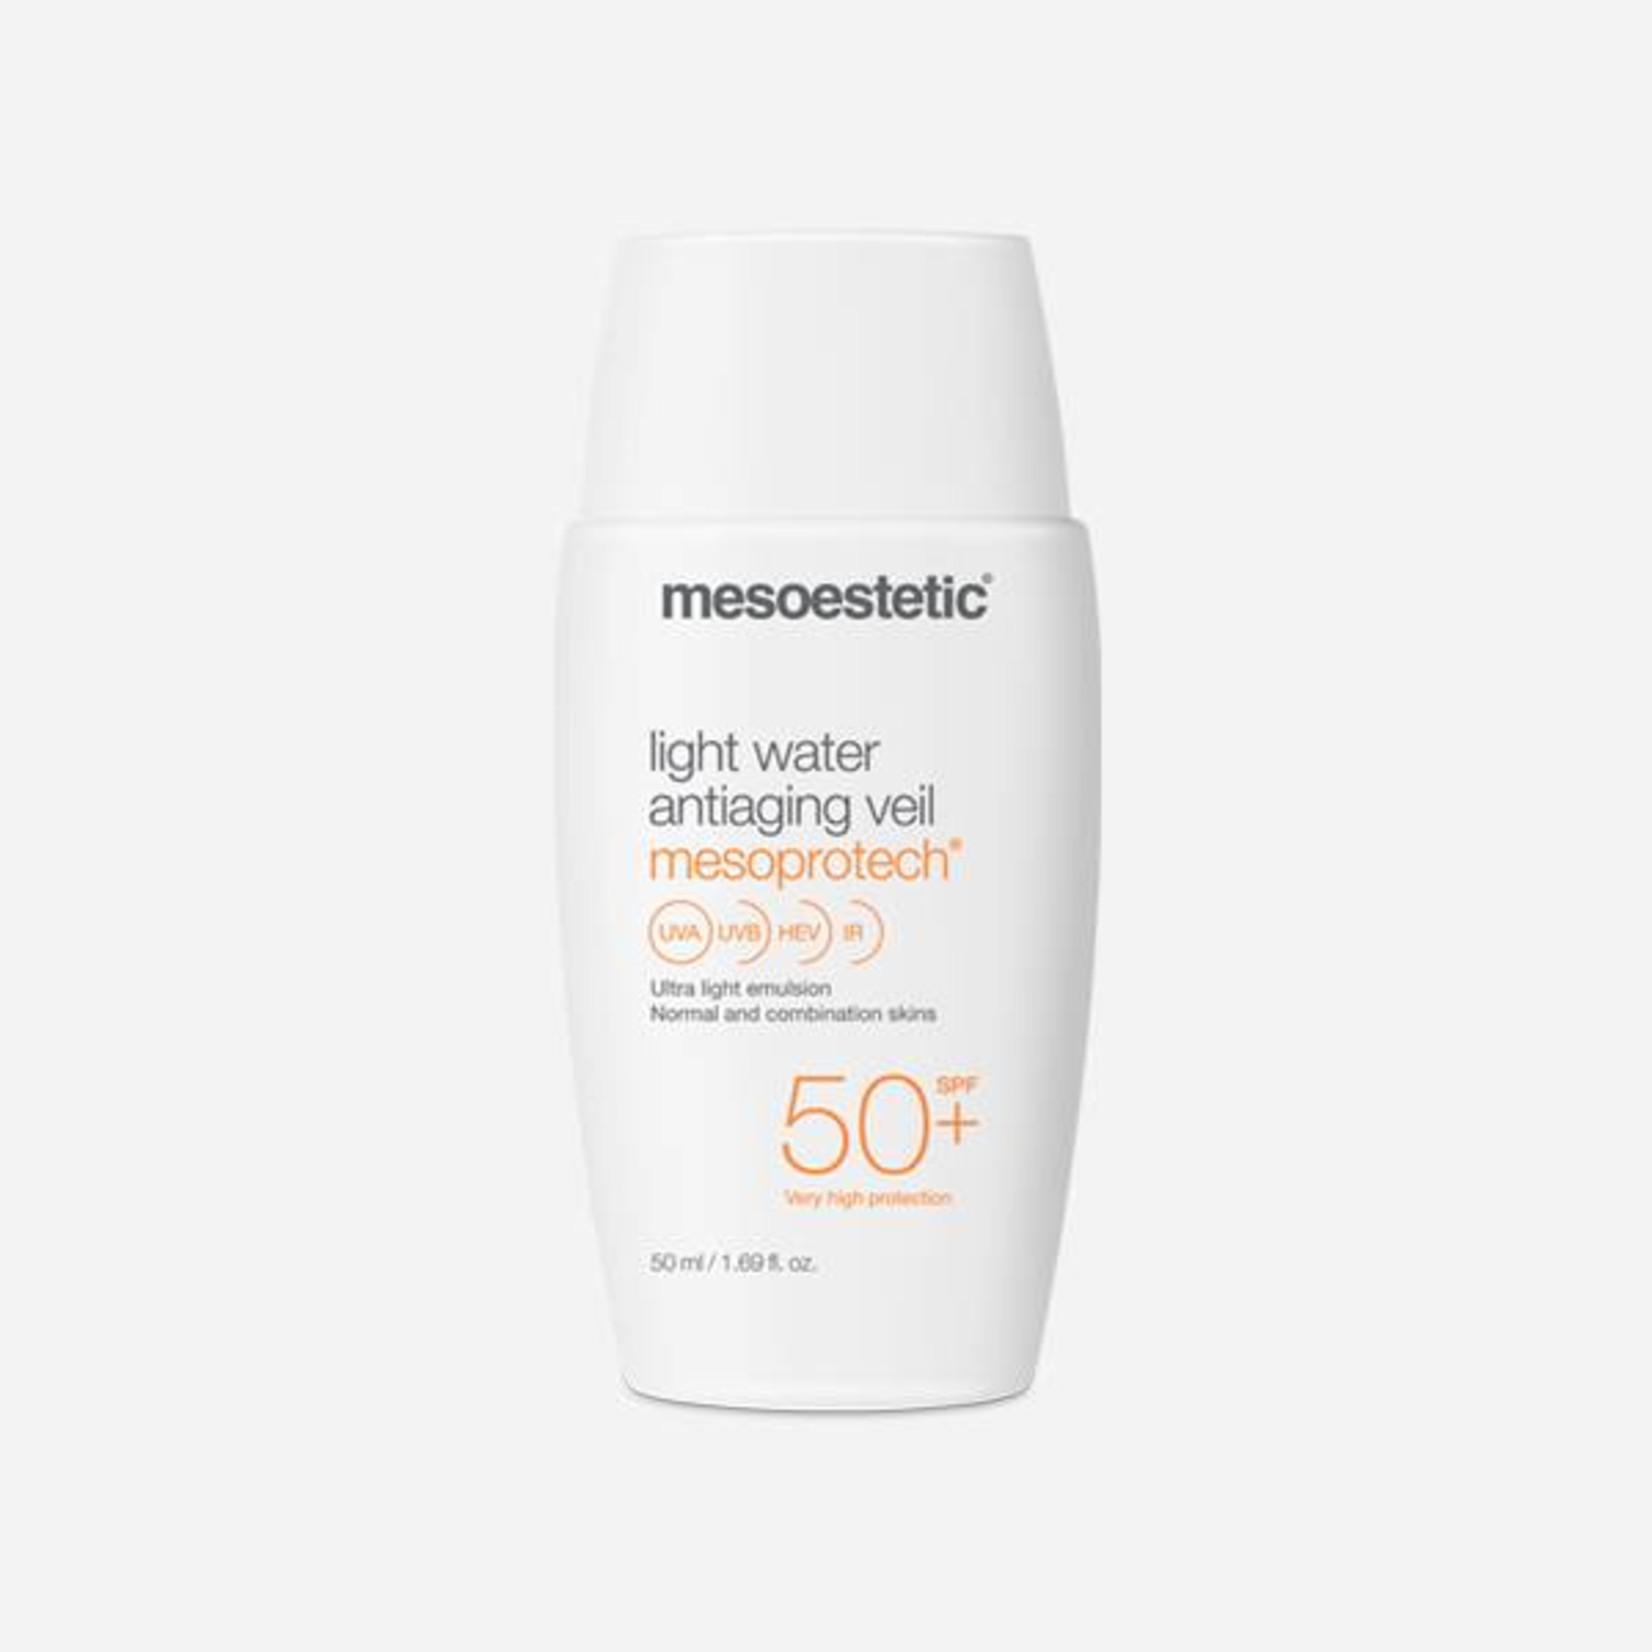 Mesoestetic Light water antiaging veil